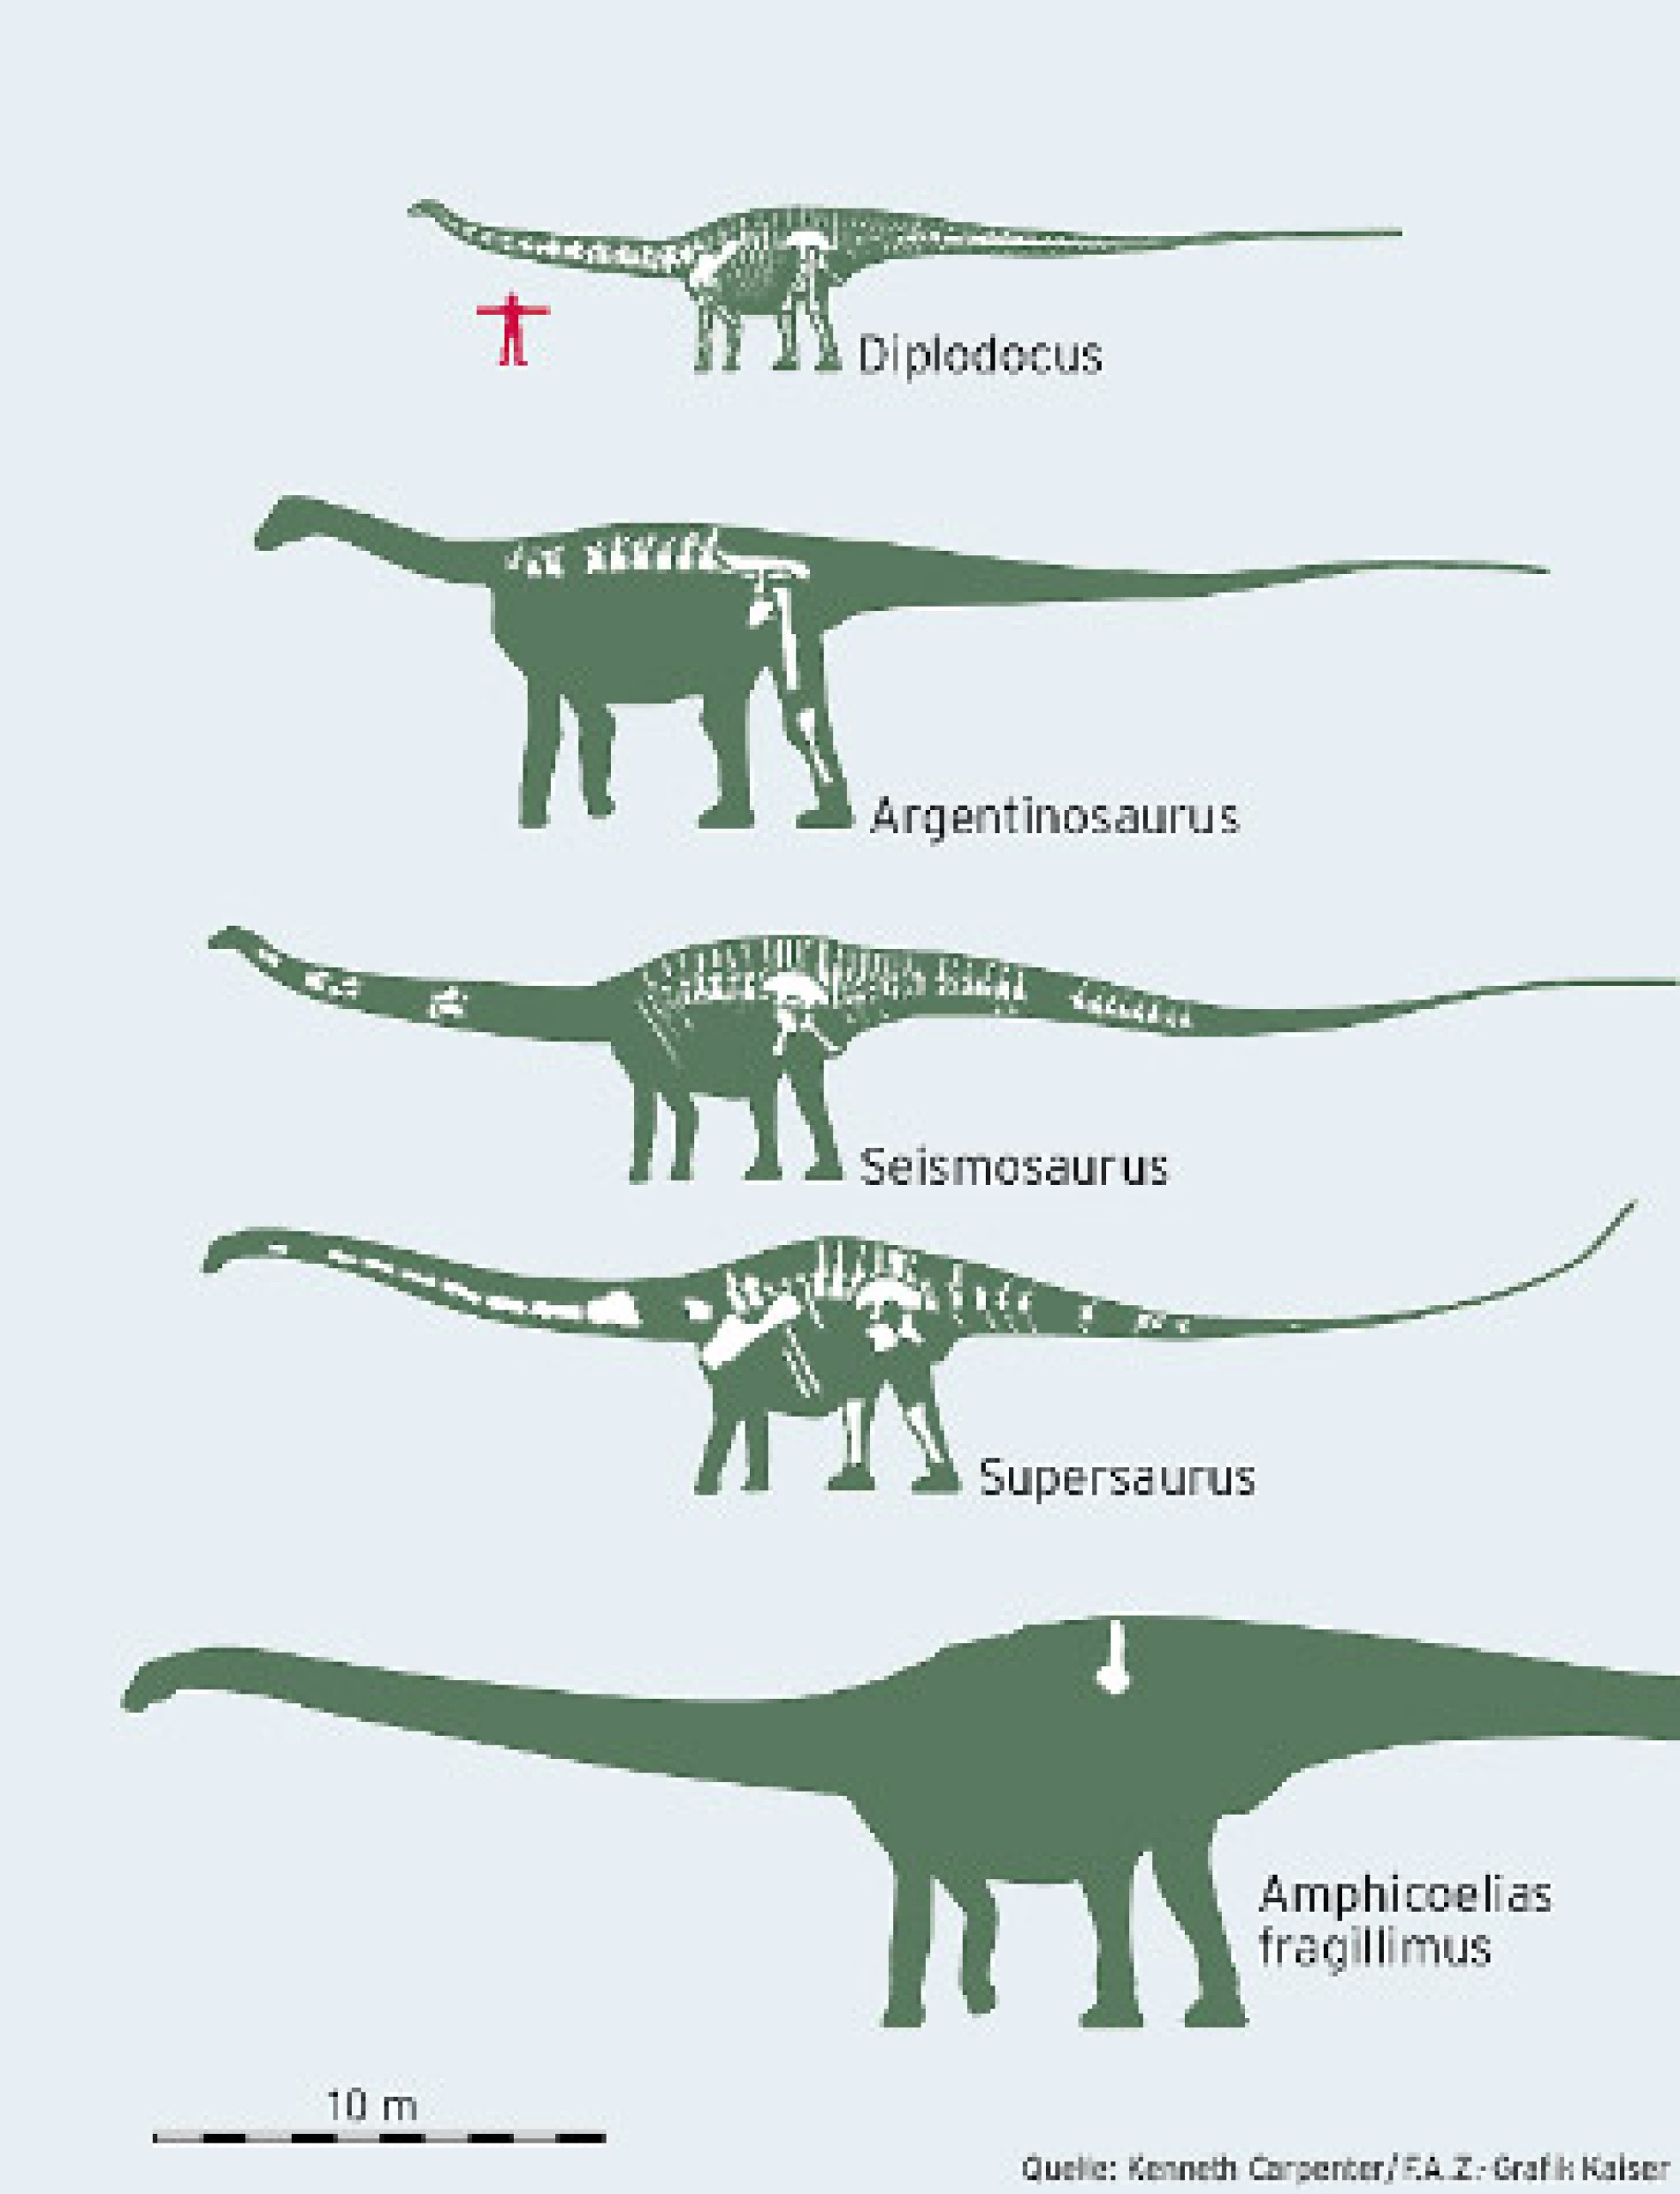 Der größte dinosaurier aller zeiten